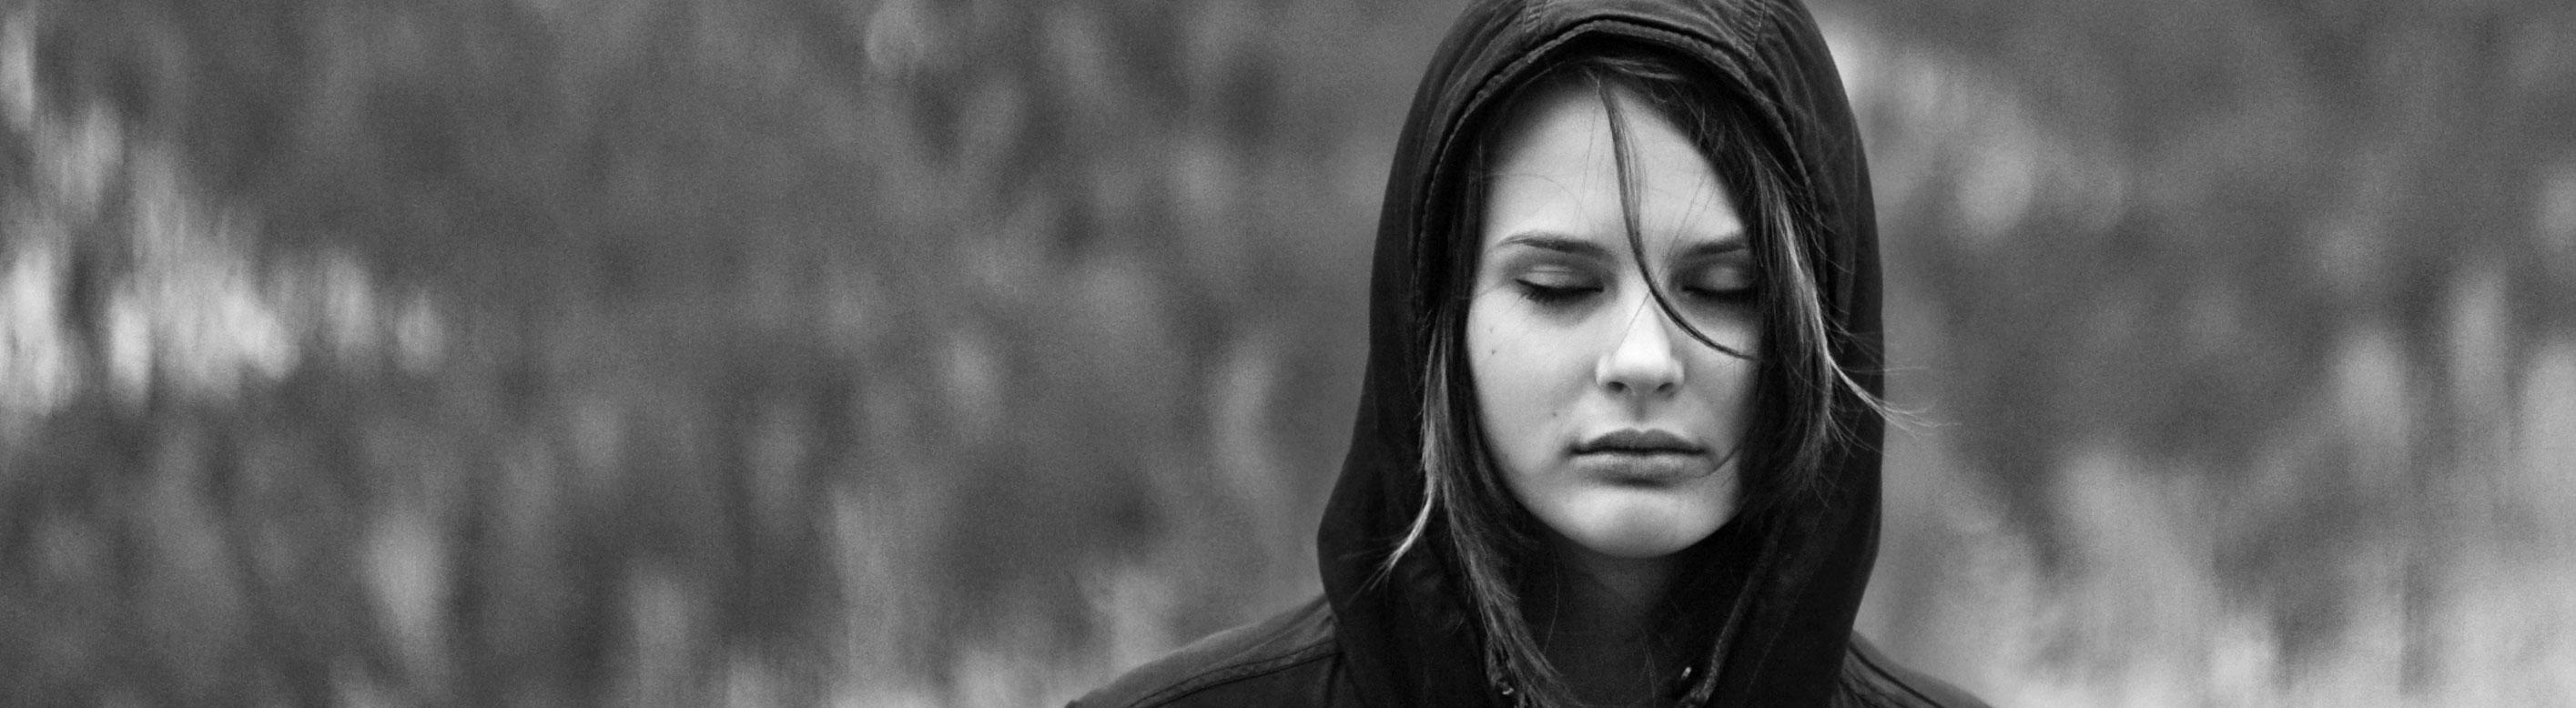 Schwarz-weiß Foto zeigt eine Frau mit geschlossenen Augen. Sie steht draußen. Trägt eine Jacke und hat die Kapuze hochgezogen.